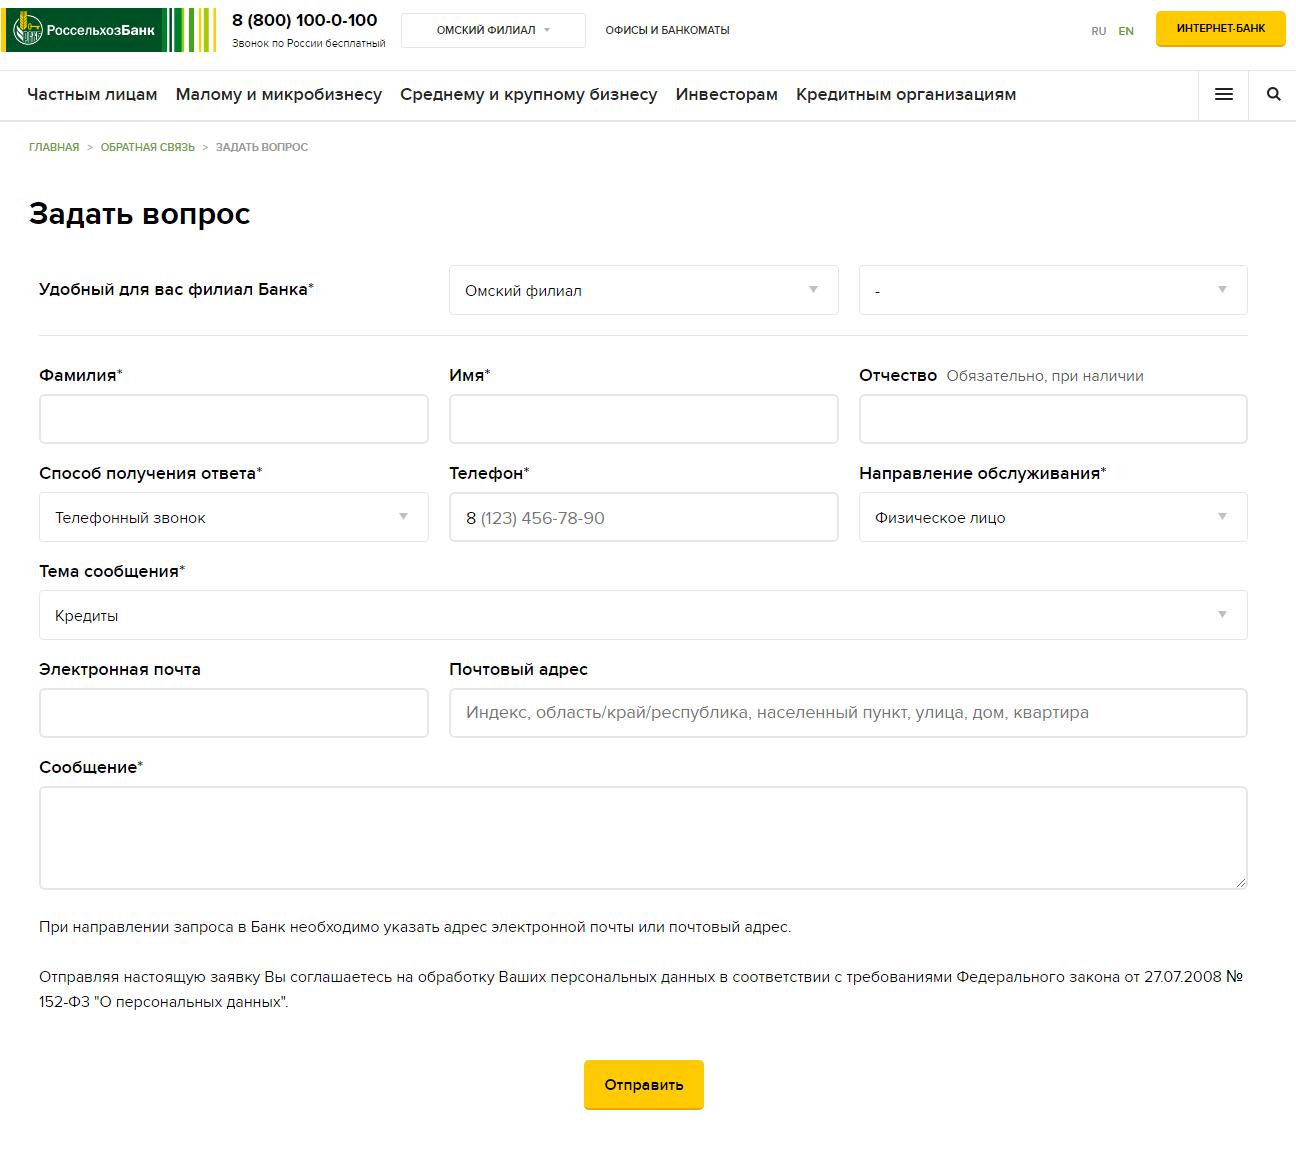 Займы до 100000 рублей срочно в Москве, МФО